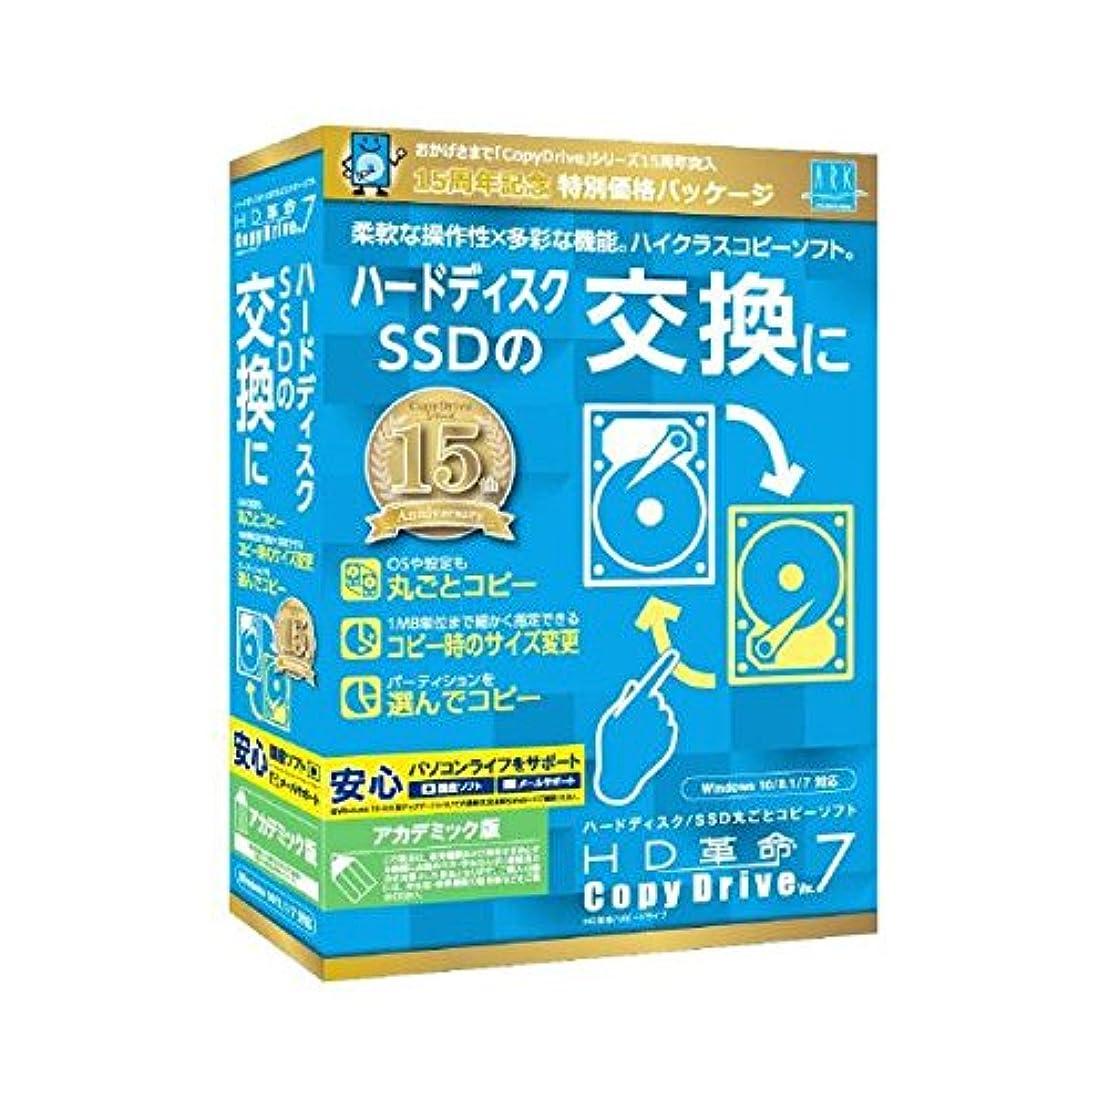 薬用貢献するシンジケート【旧商品】アーク情報システム HD革命/CopyDrive Ver.7 CP アカデミック版